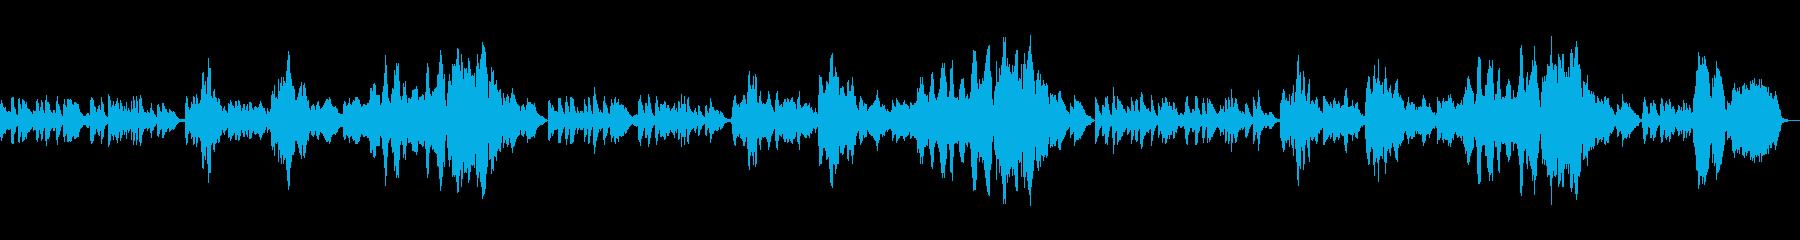 ロマンチックなカンツォーネの再生済みの波形